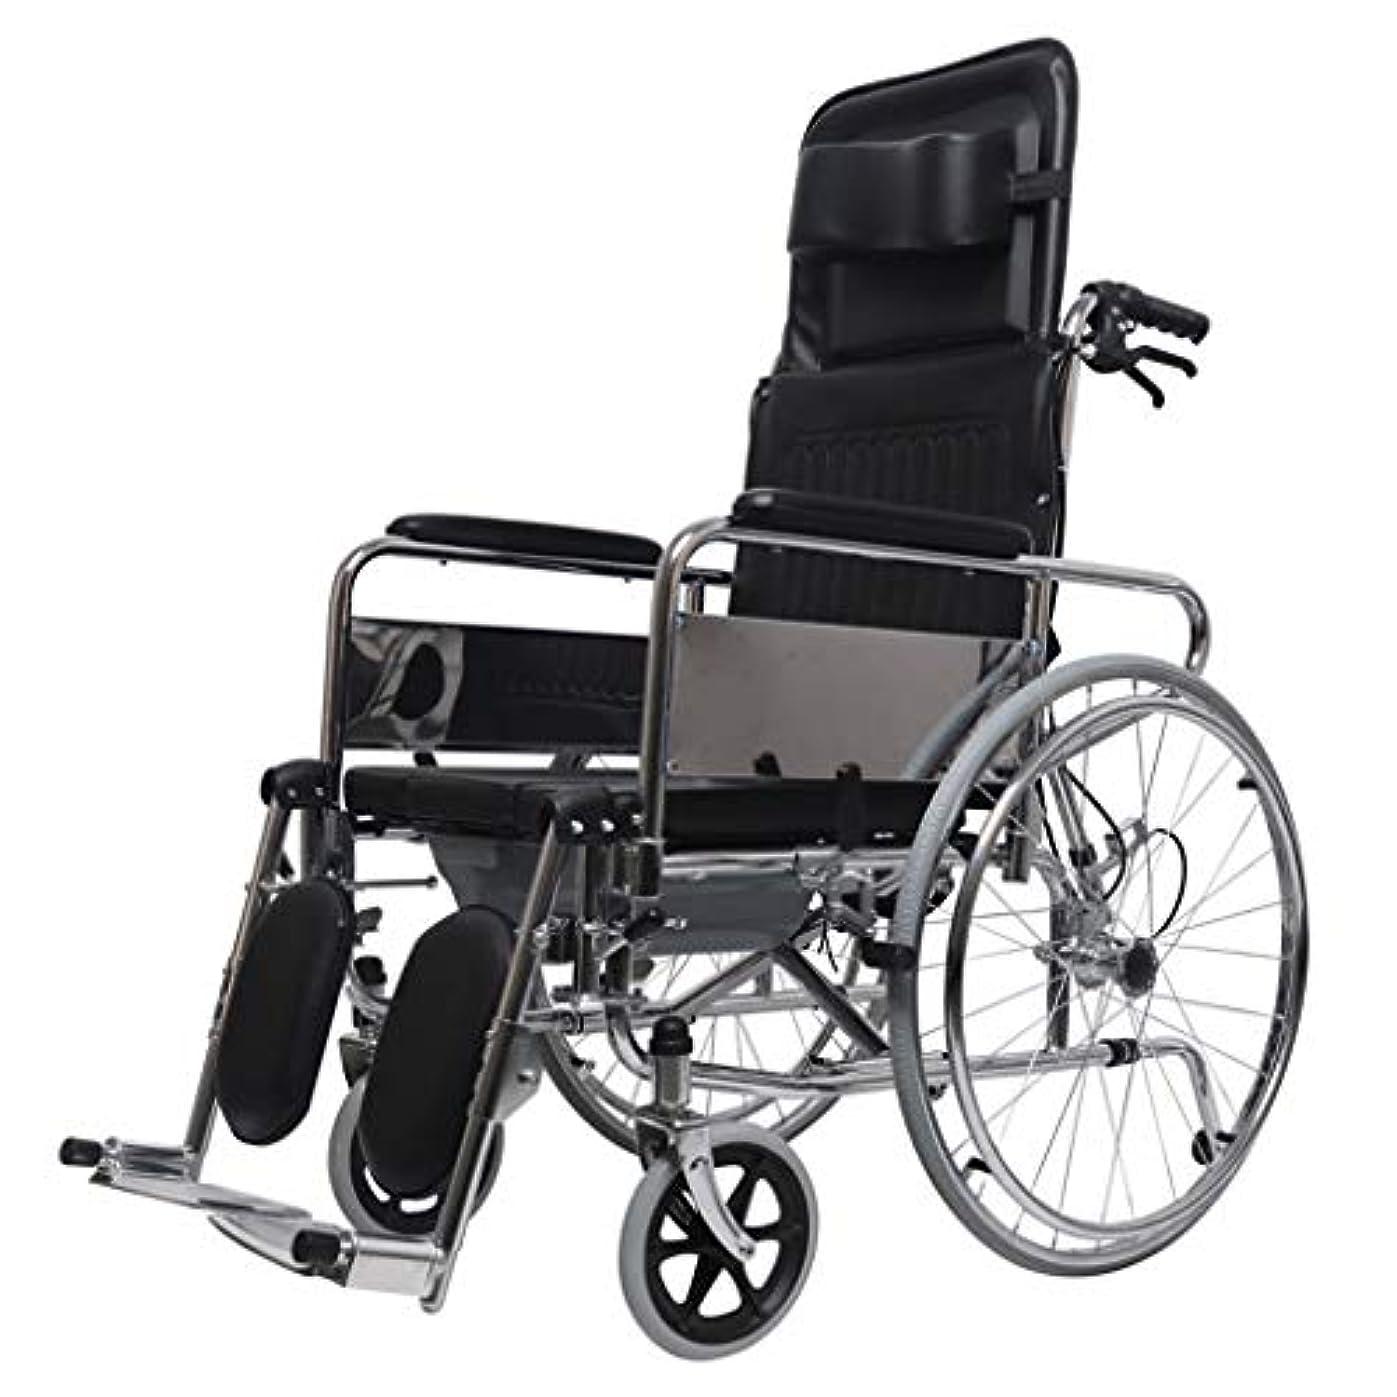 血マイクロフォン相談車椅子トロリー、ブレーキ付き多機能折りたたみ、高齢者向け車椅子、屋外旅行、優れたヘルパー